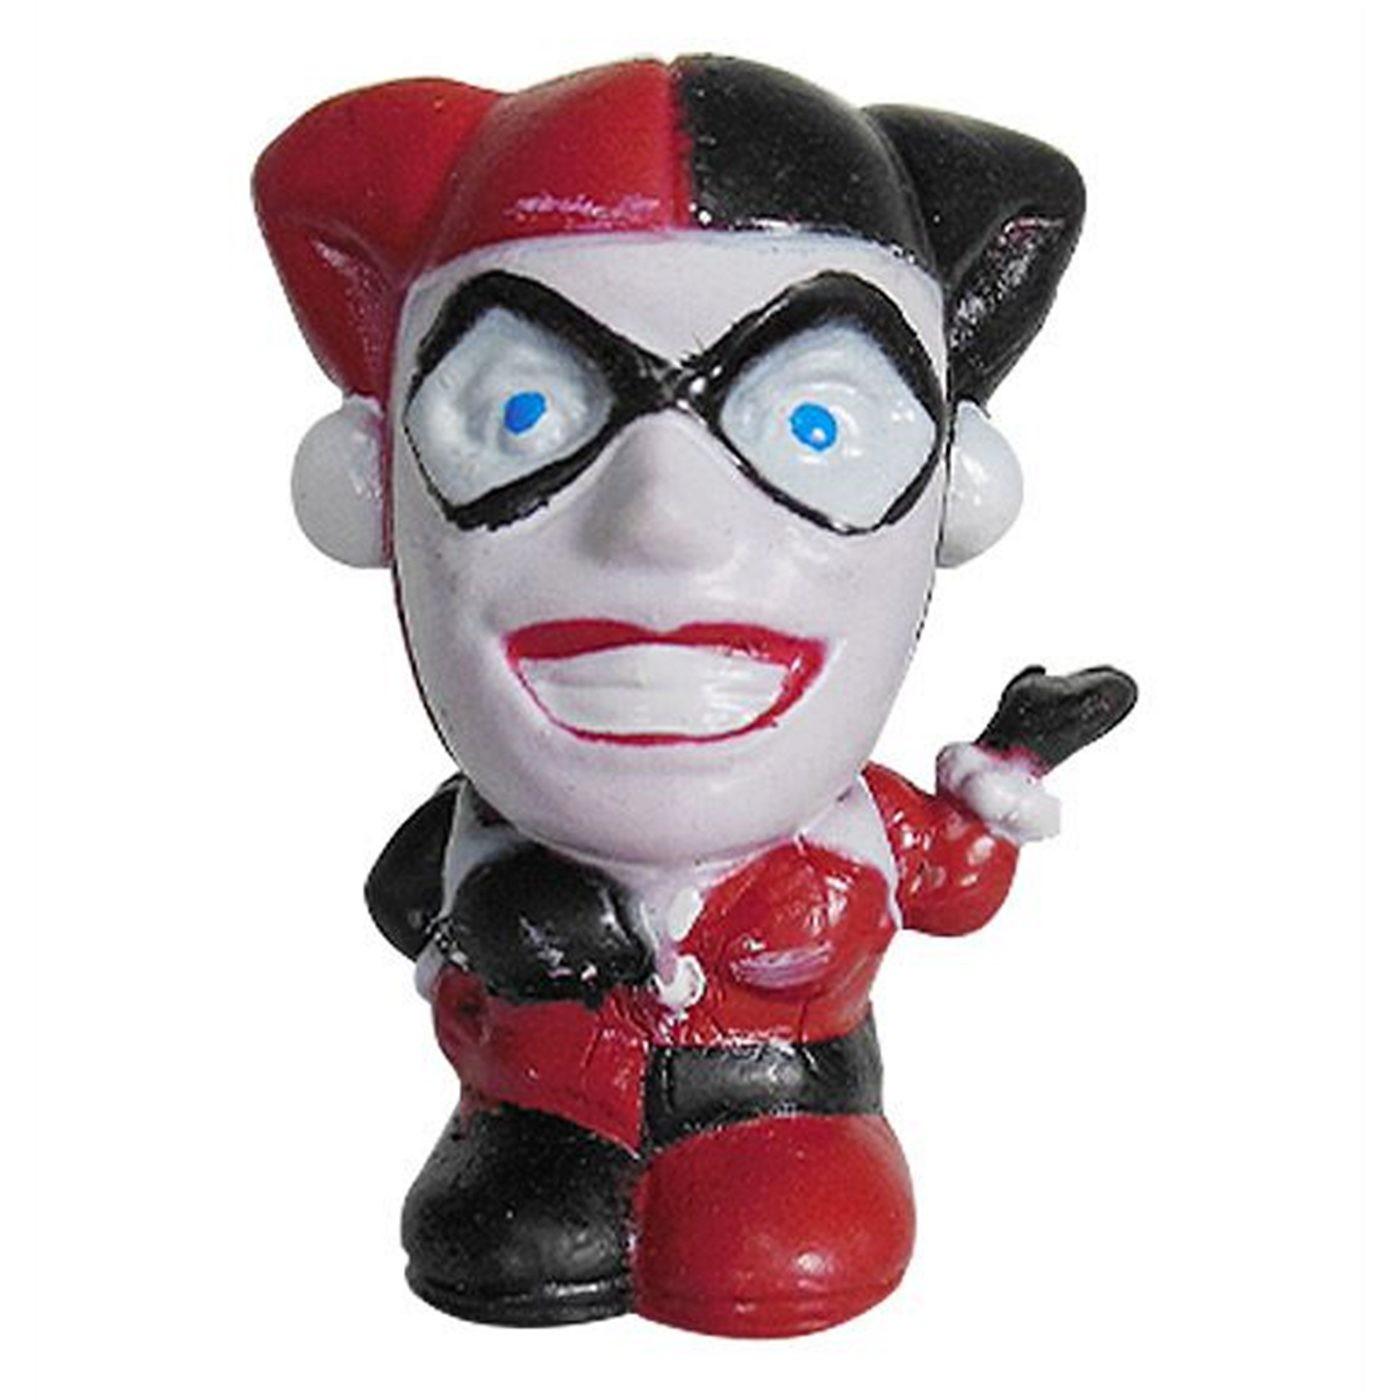 Harley Quinn Deformed Pencil Eraser Topper